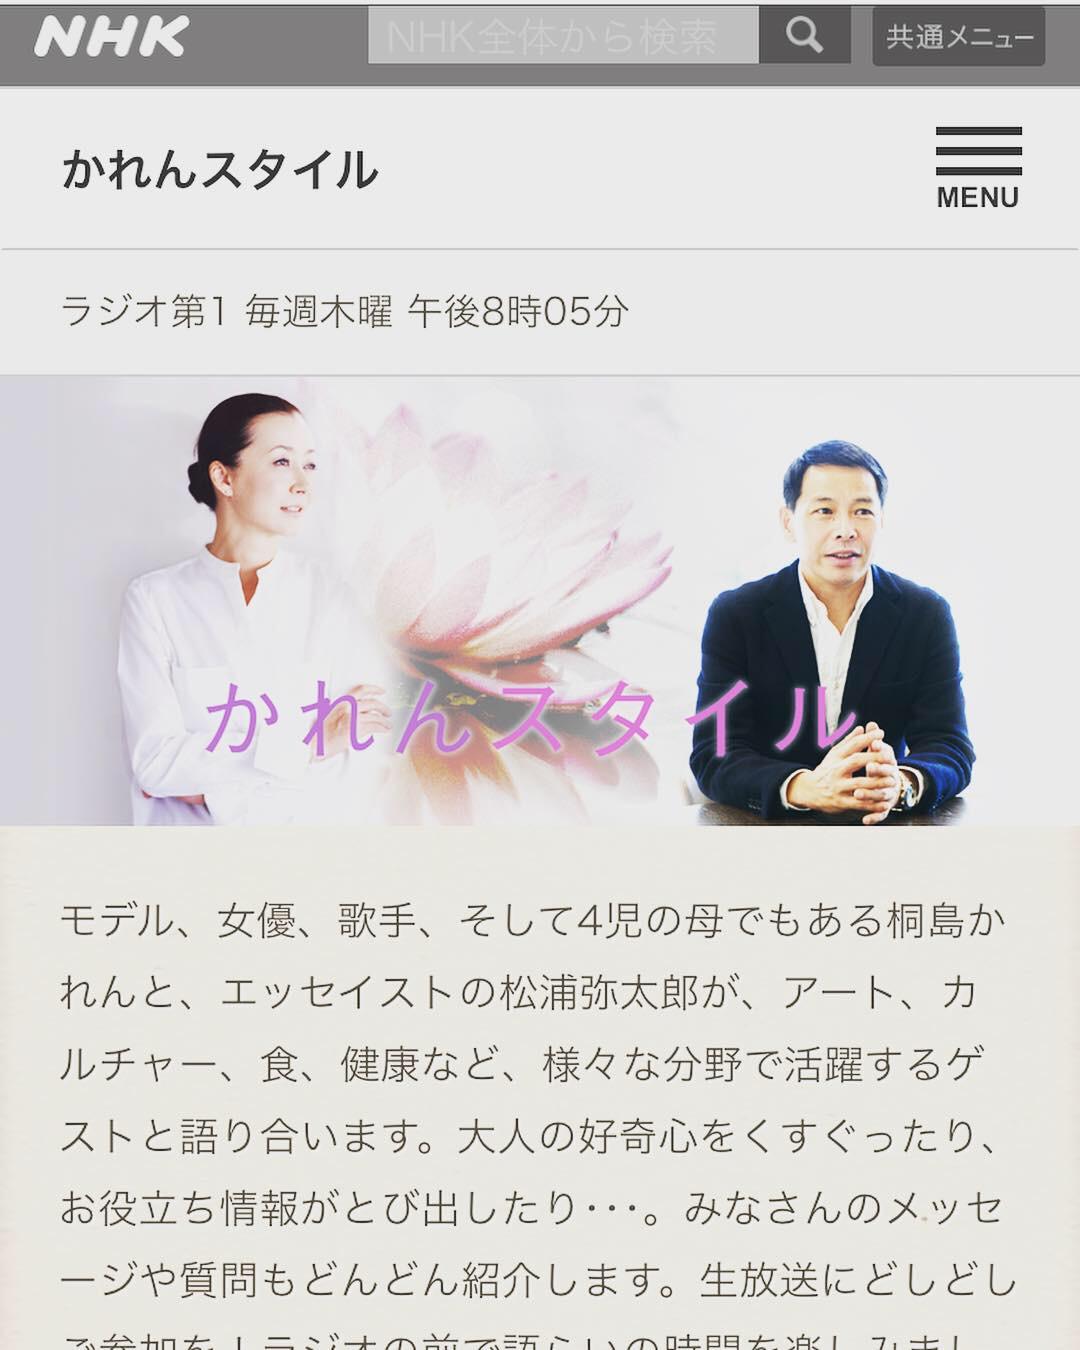 12月16日 NHKラジオの告知です_d0171384_18191674.jpg